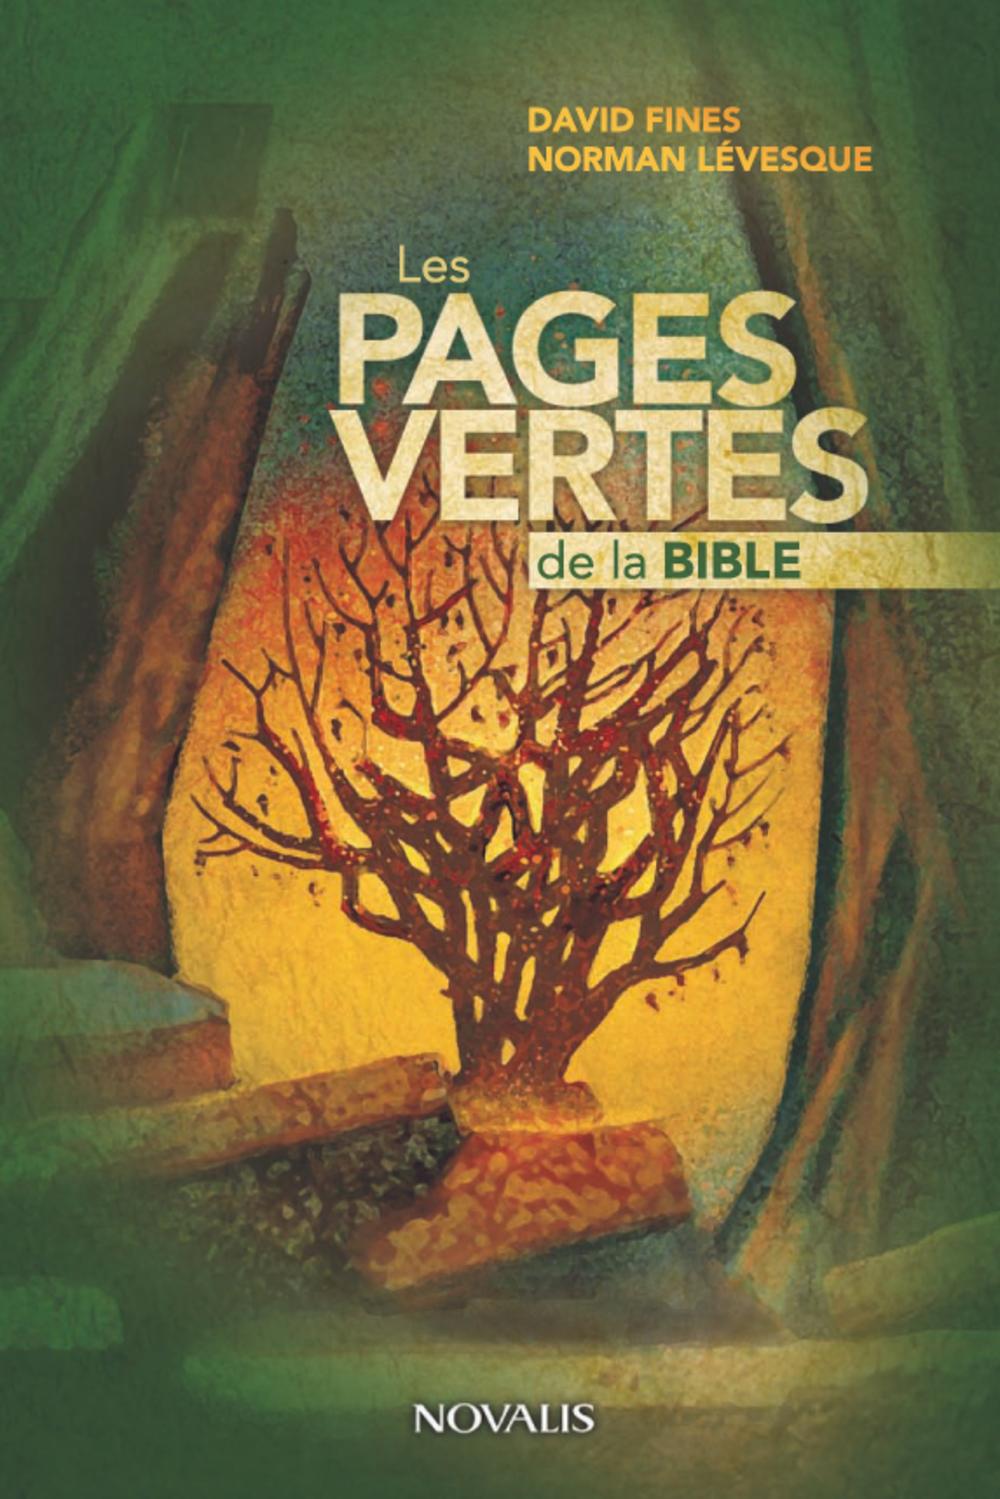 Les pages vertes de la Bible